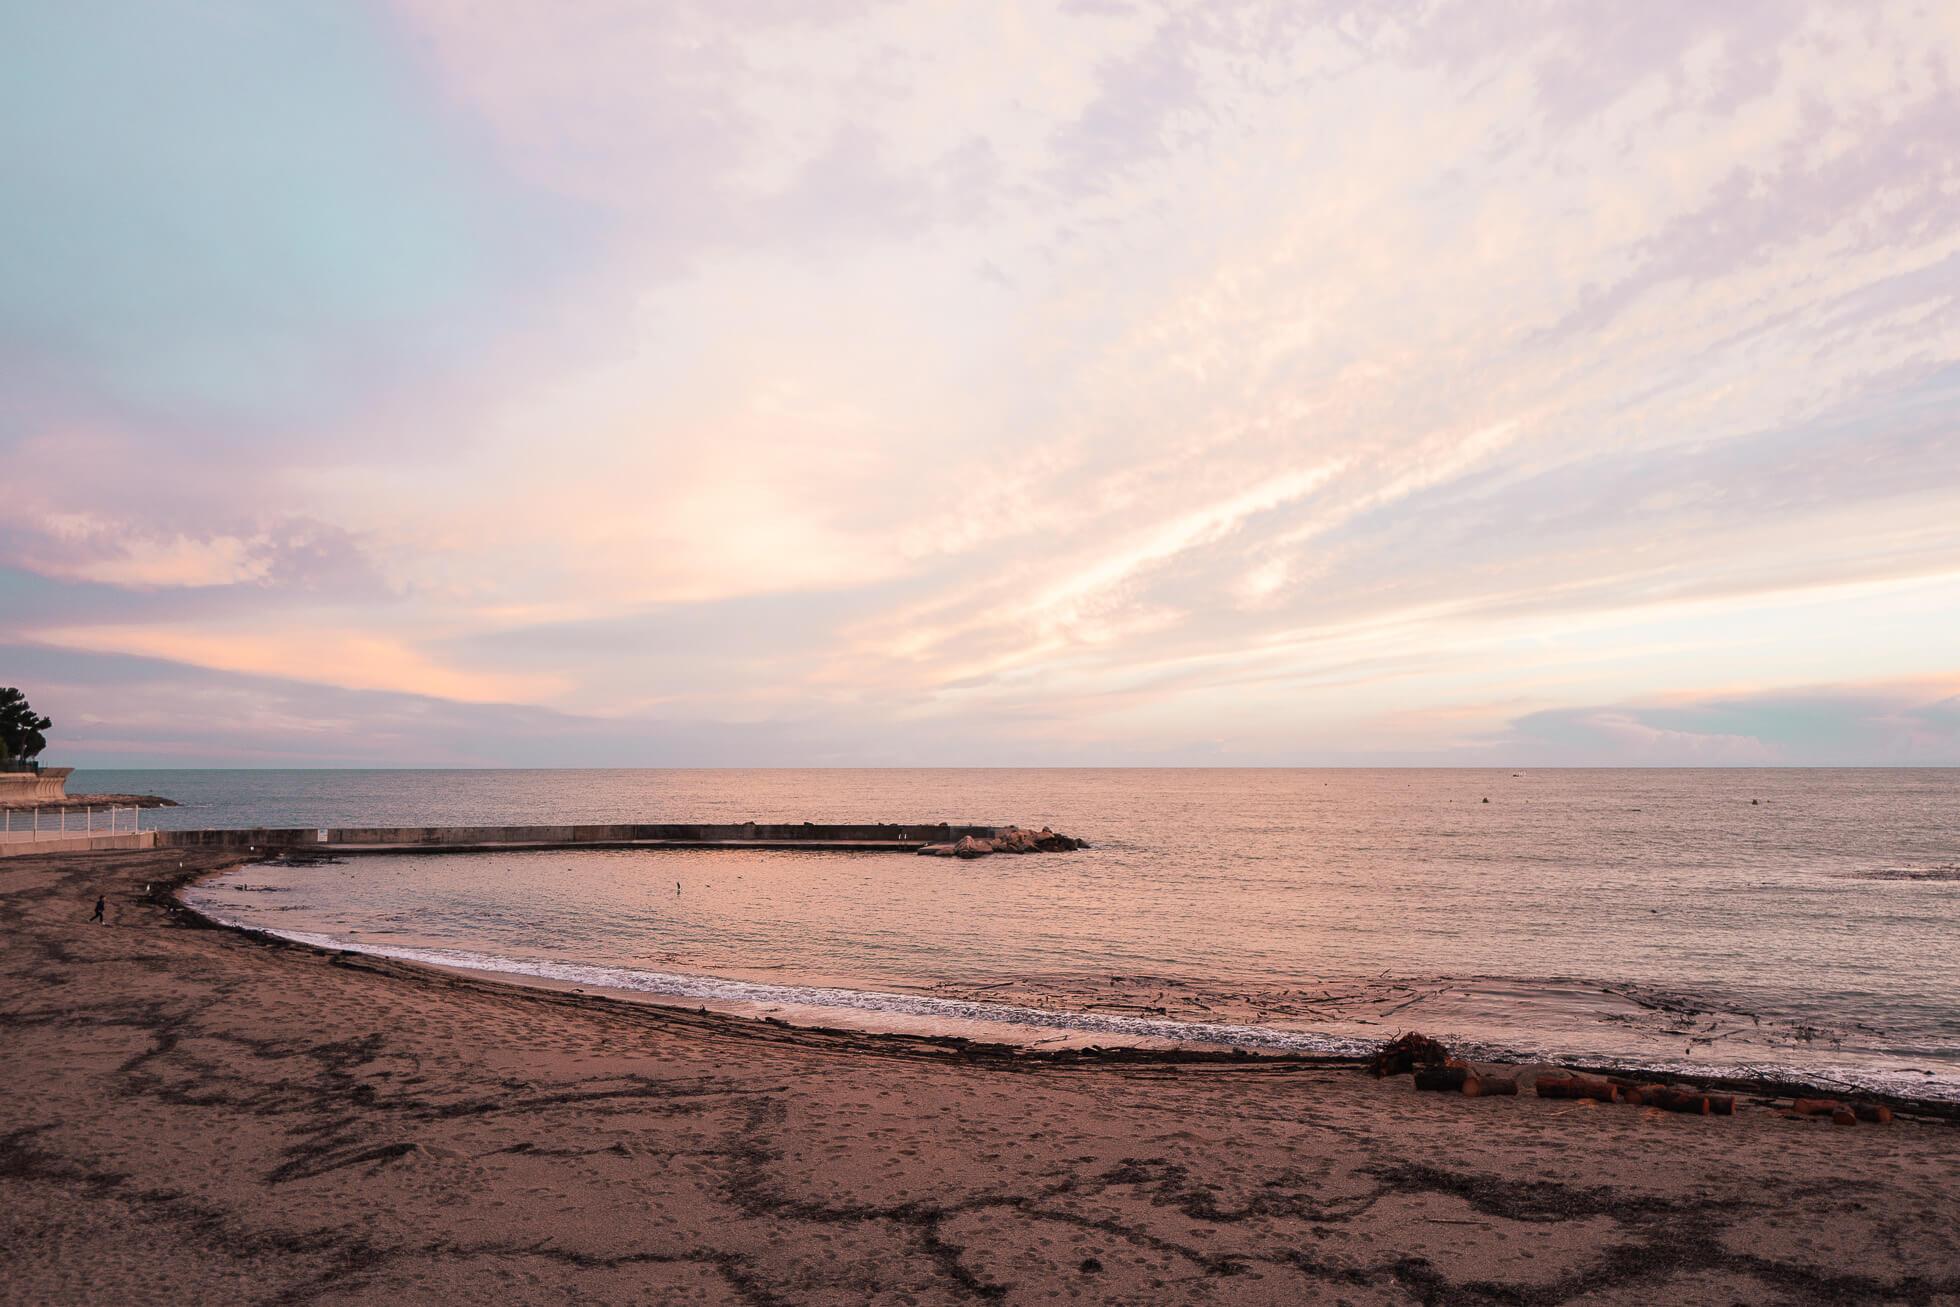 janni-deler-sunset-sessionl1180084